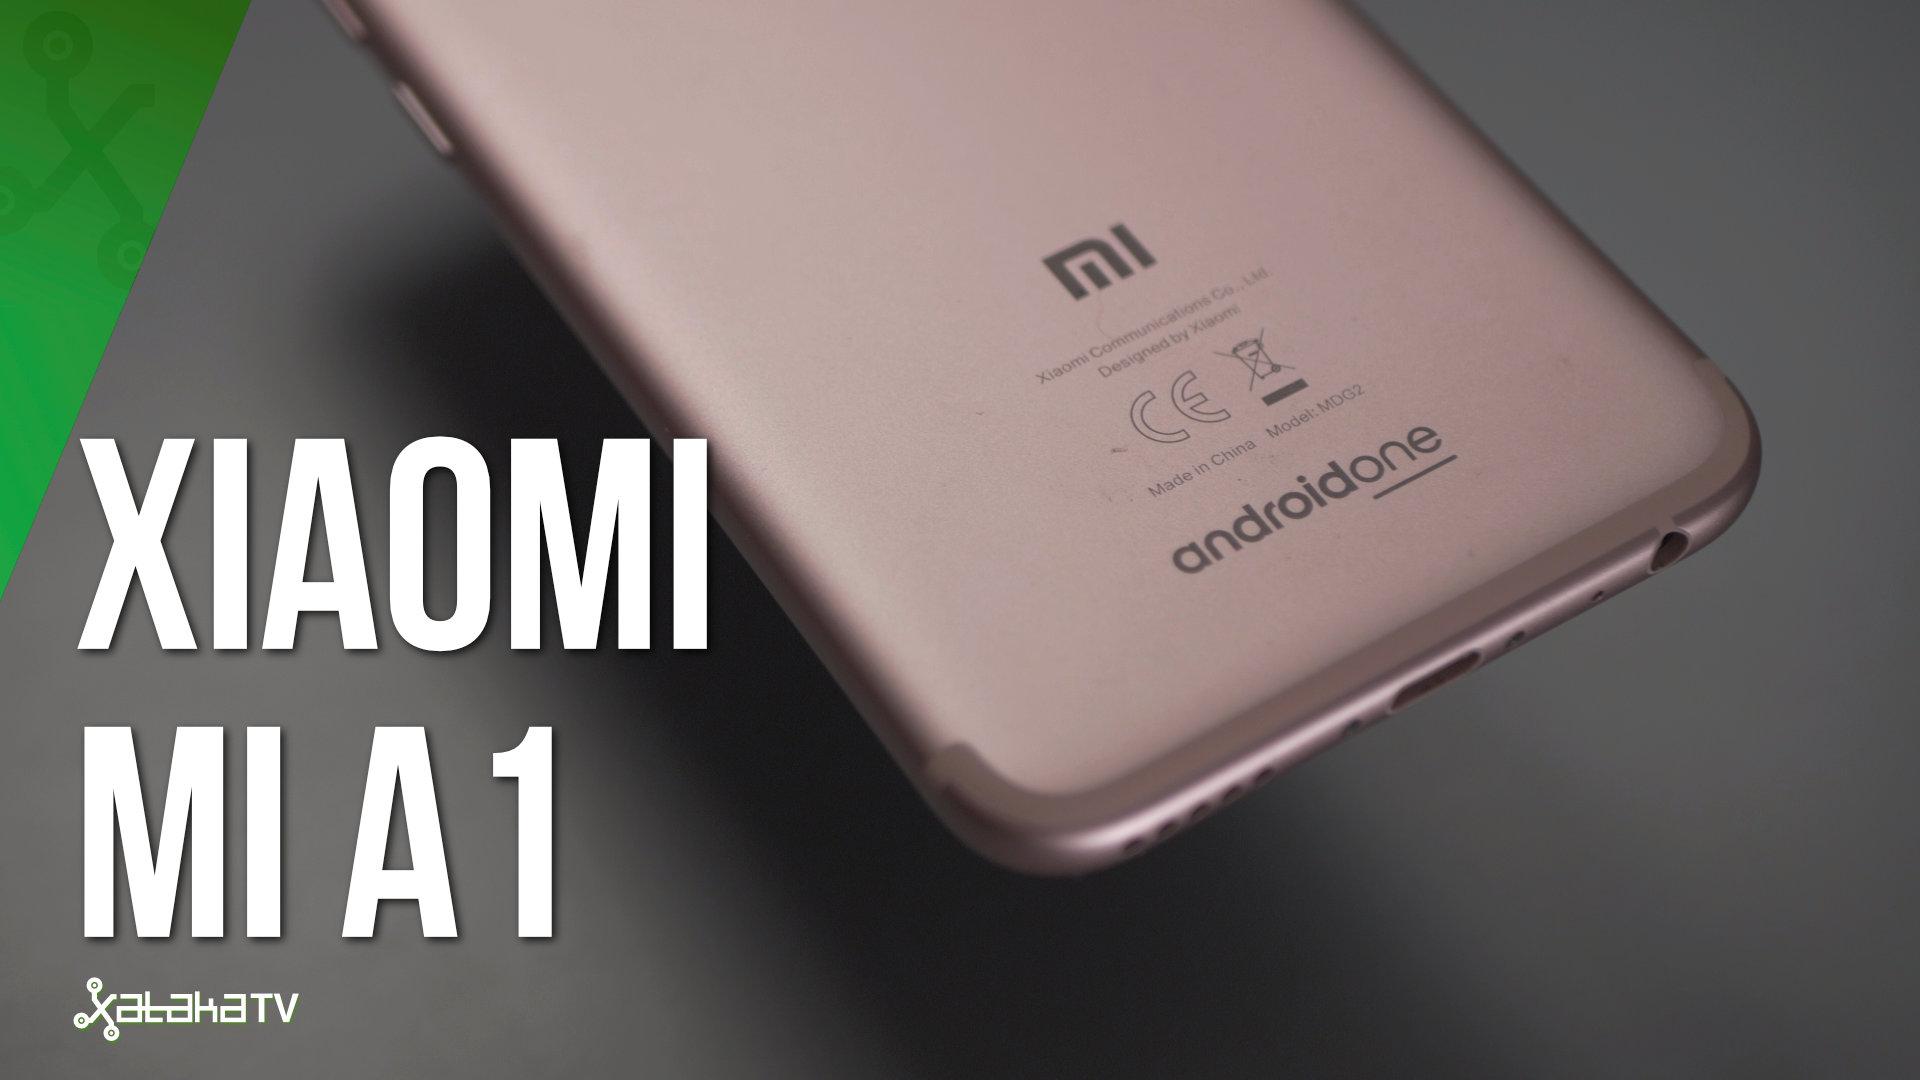 Xiaomi Mi A1 Vs 5x Comparativa Cara A Entre Android Mi5c Nougat 71 One Y Miui